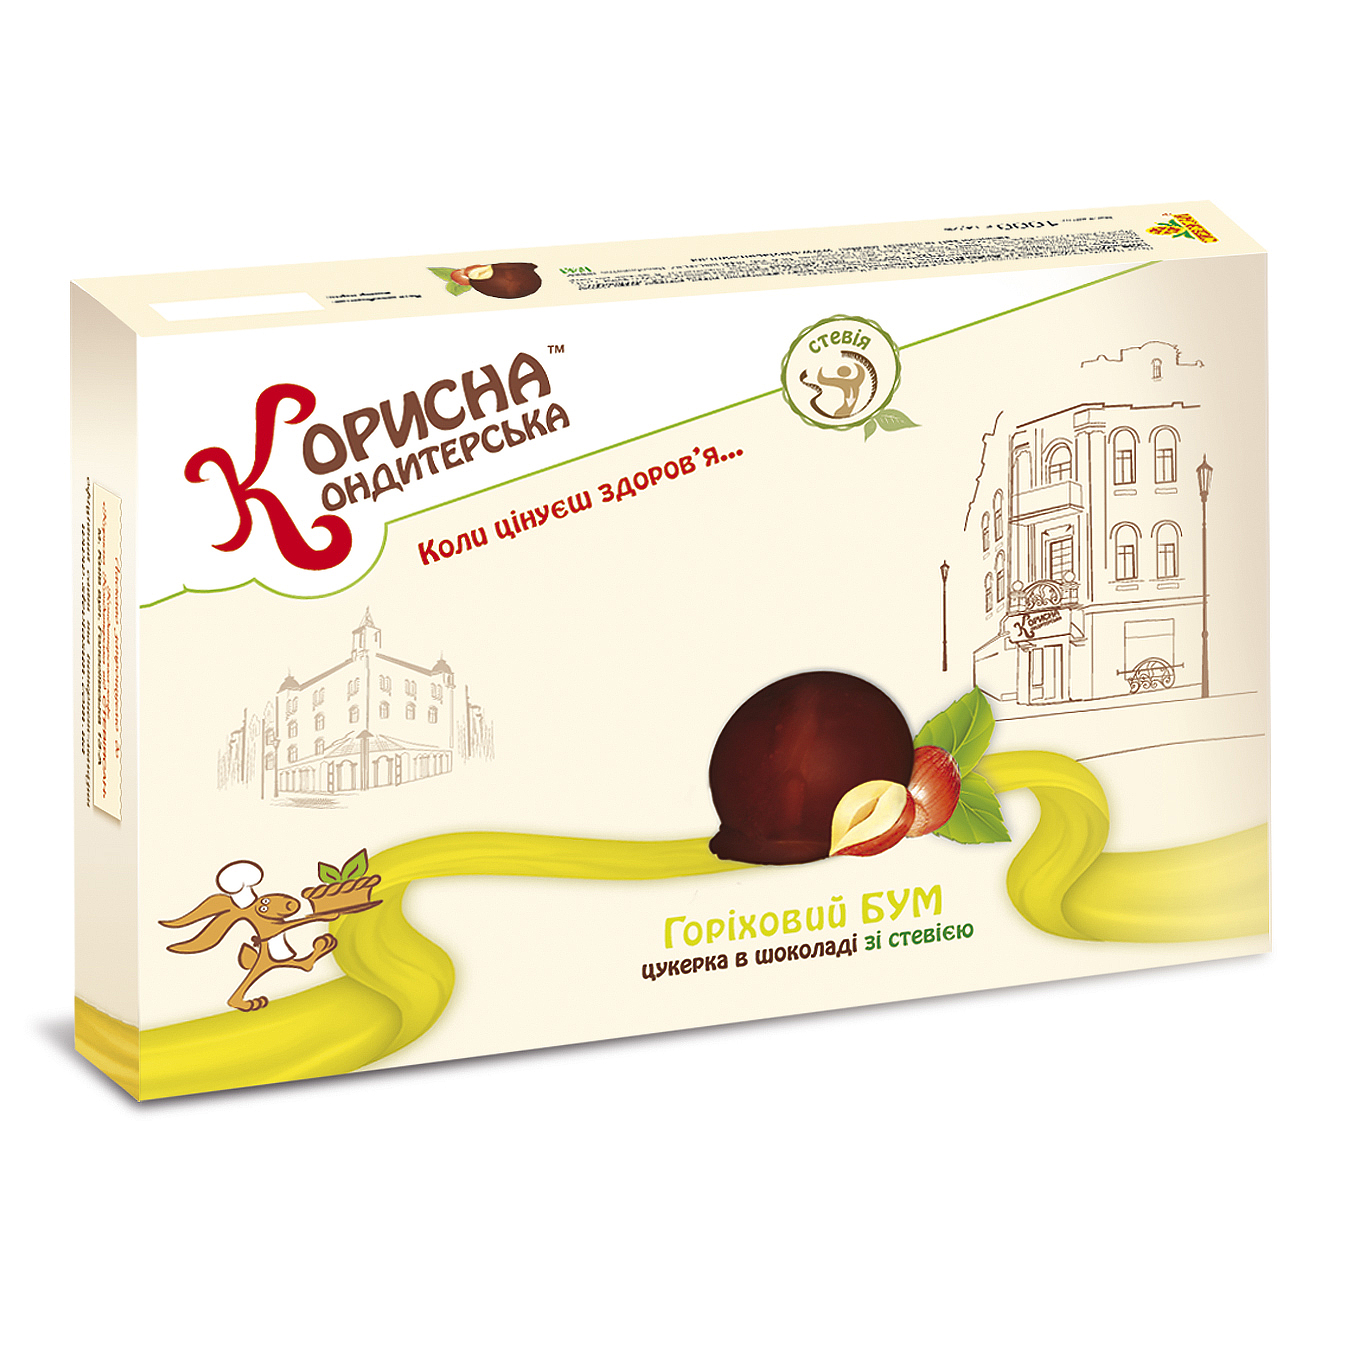 Конфеты в шоколаде «Ореховый БУМ» со стевией, 1 кг.